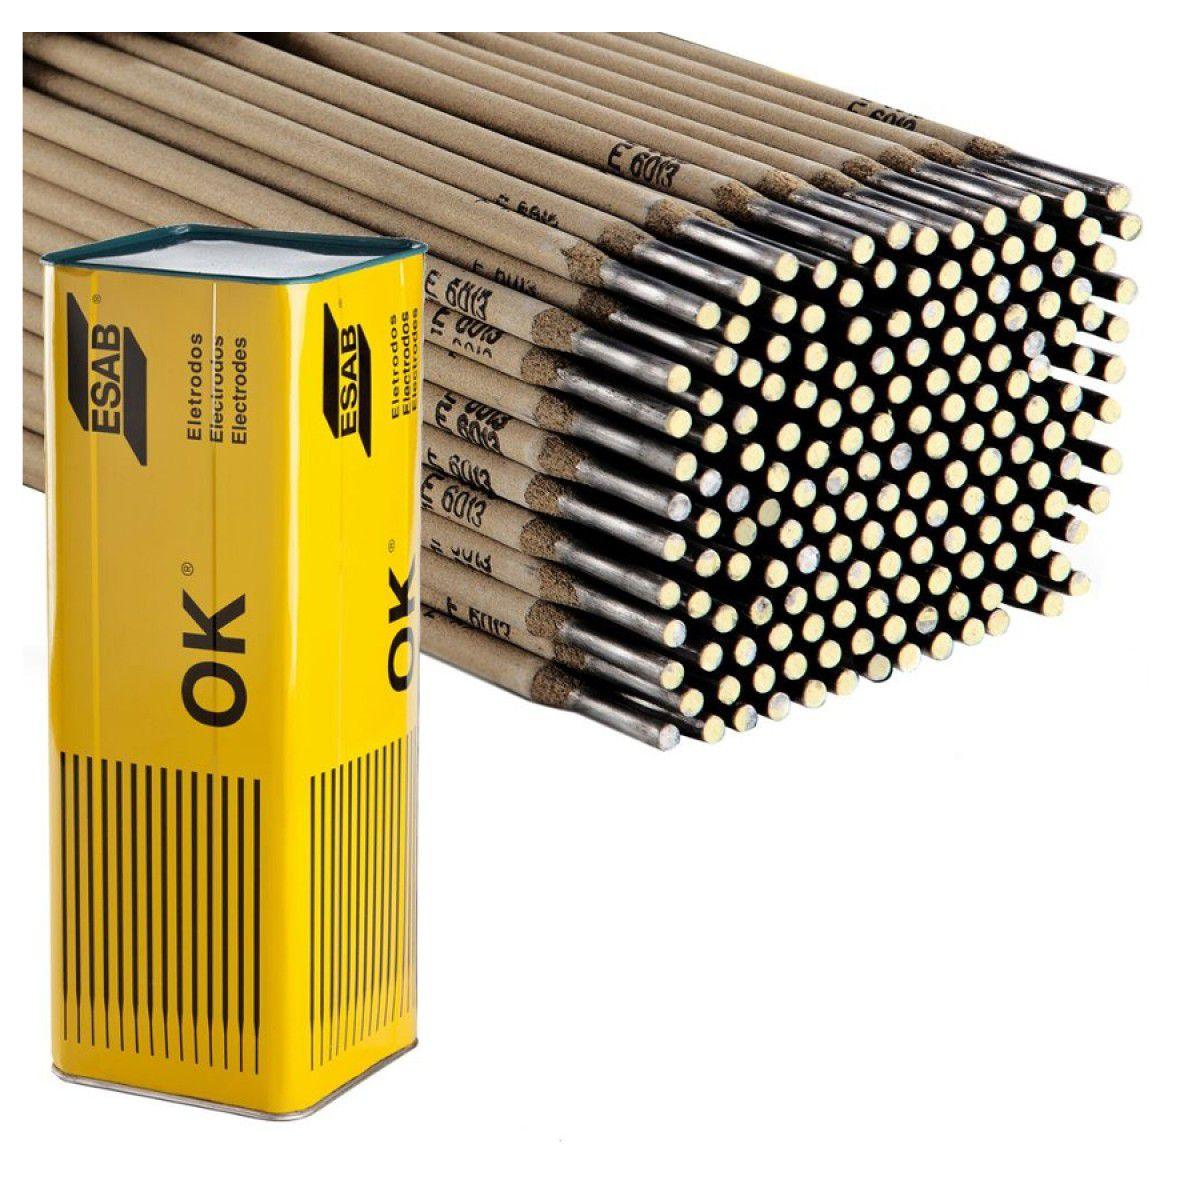 ELETRODO 4600 2mm ESAB OK - 1KG